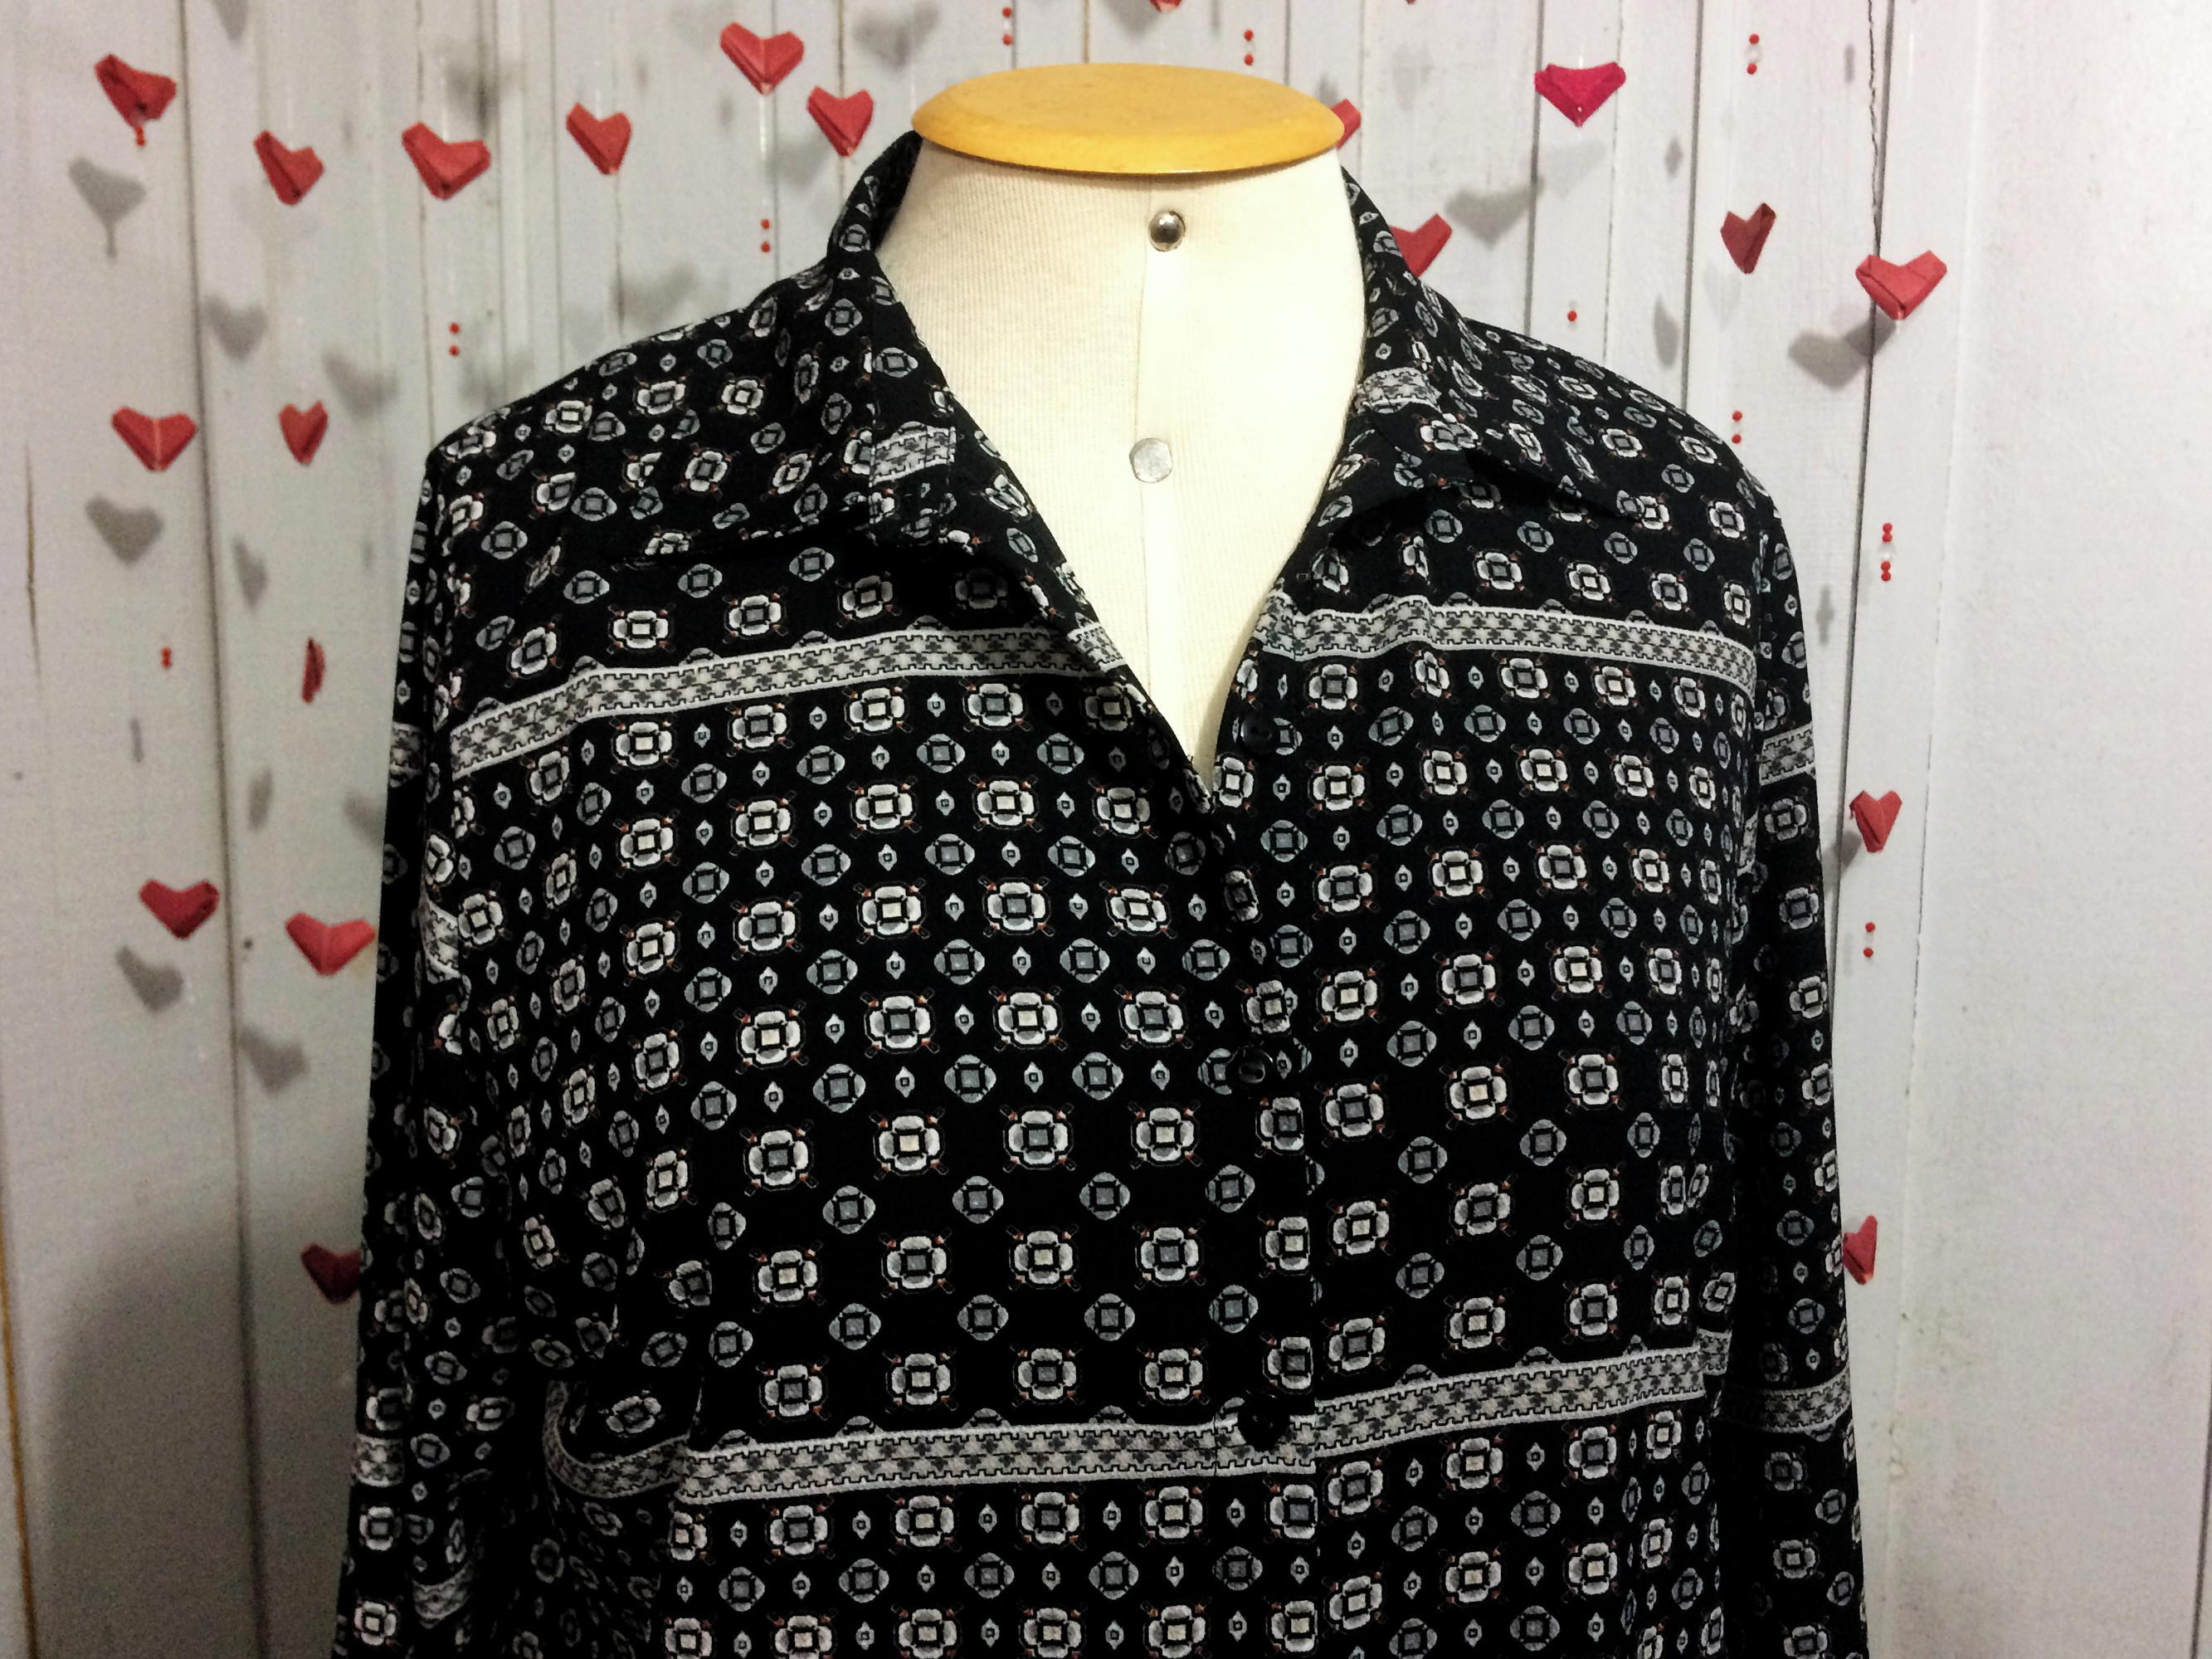 Camisa Pedro Tamanho Gg  83f689c07e06c